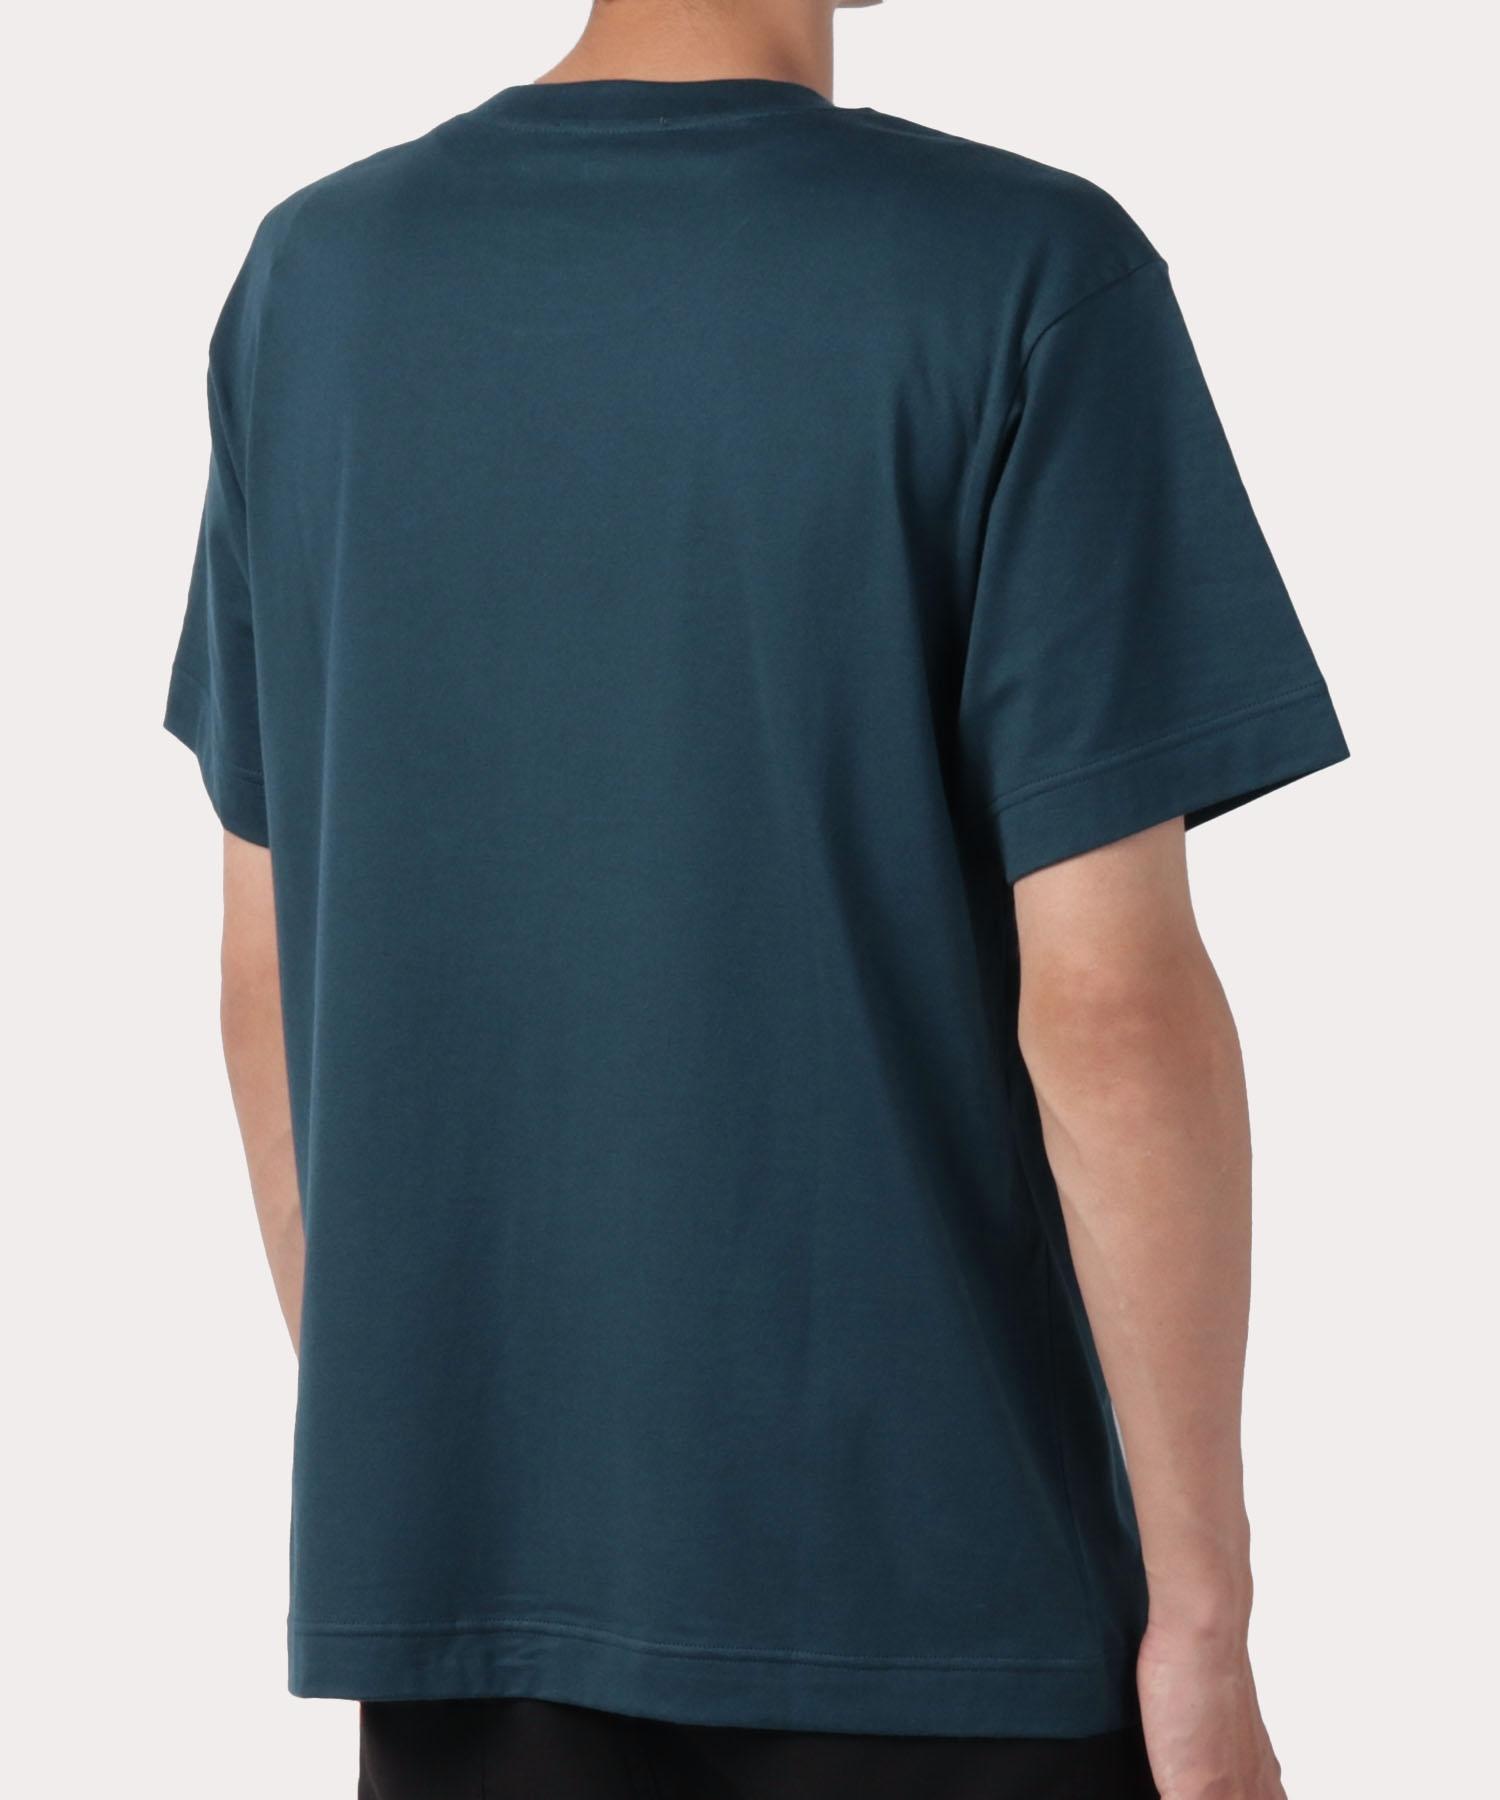 ストップクライメイトチェンジ リラックスTシャツ